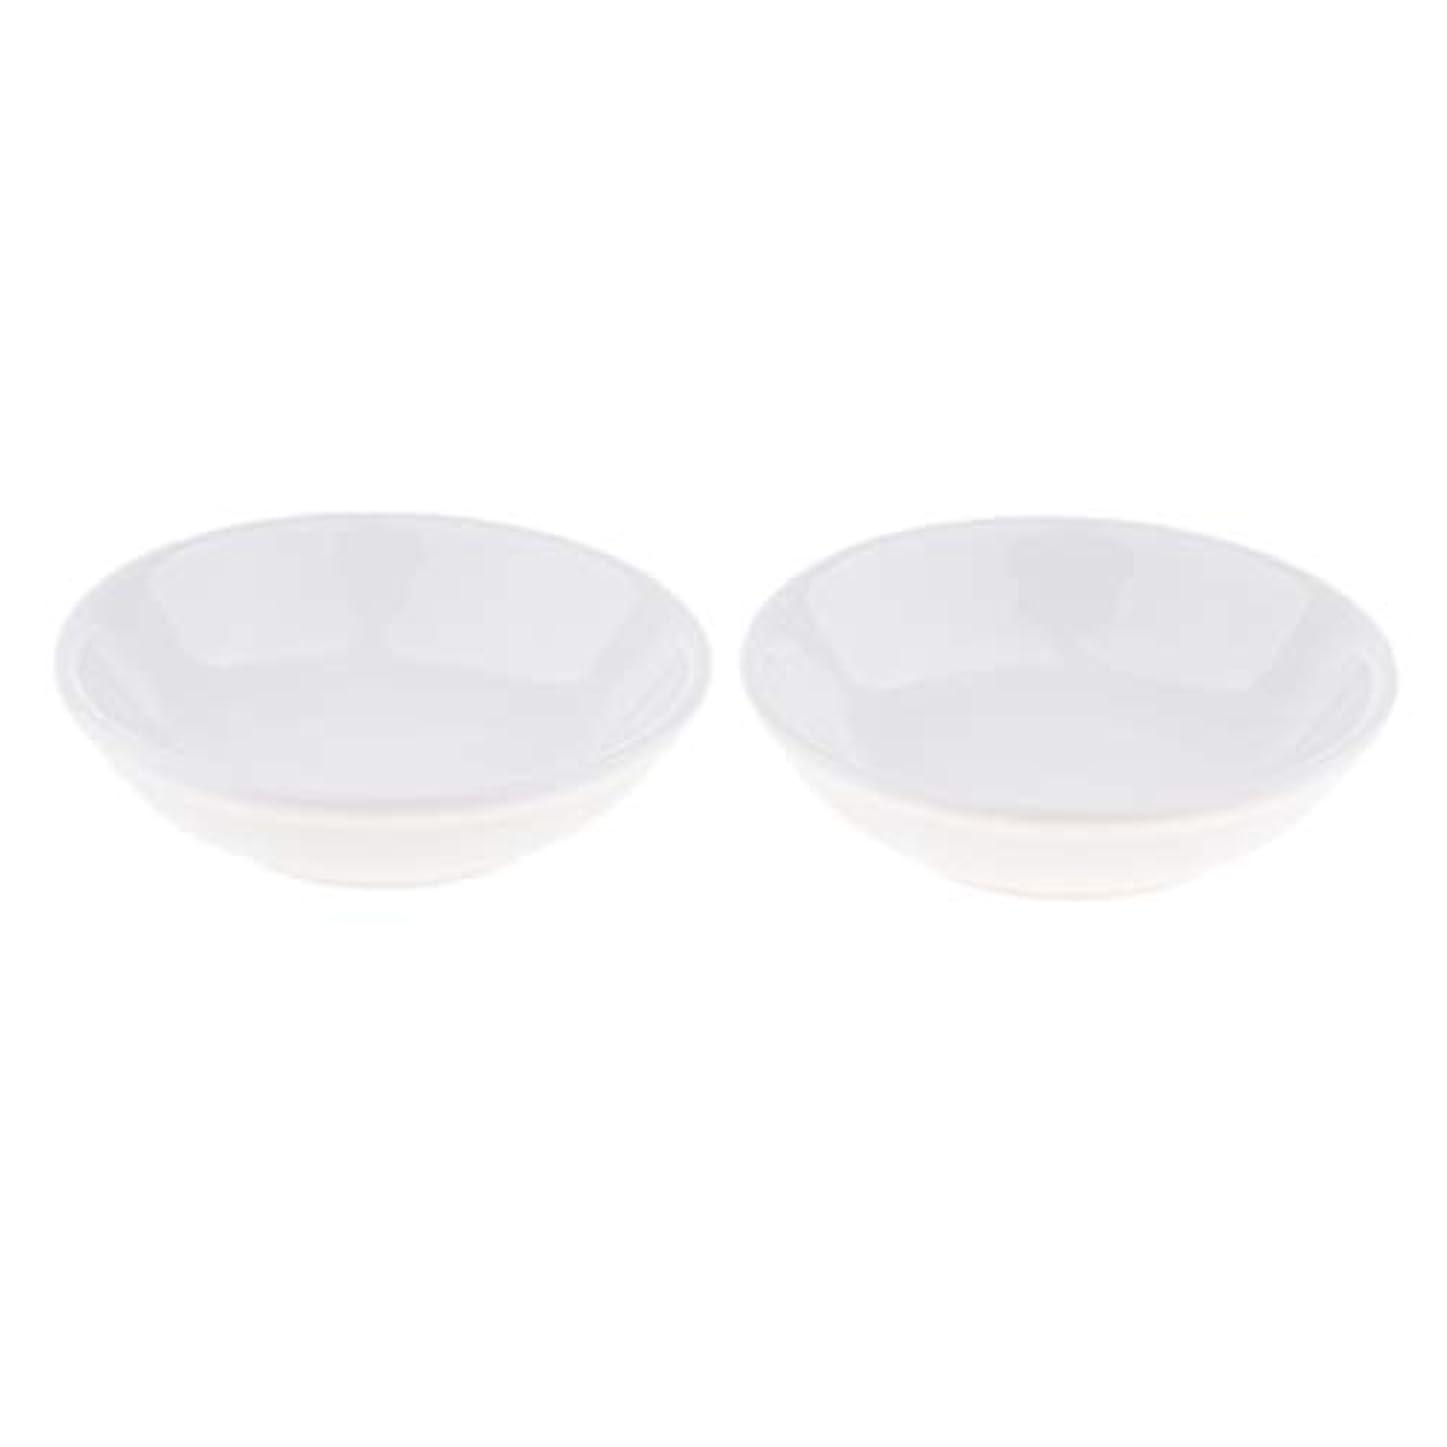 価値リットルバーストディッシュ 皿 セラミック オイルウォーマー 取り替え用 装飾 置物 2個入